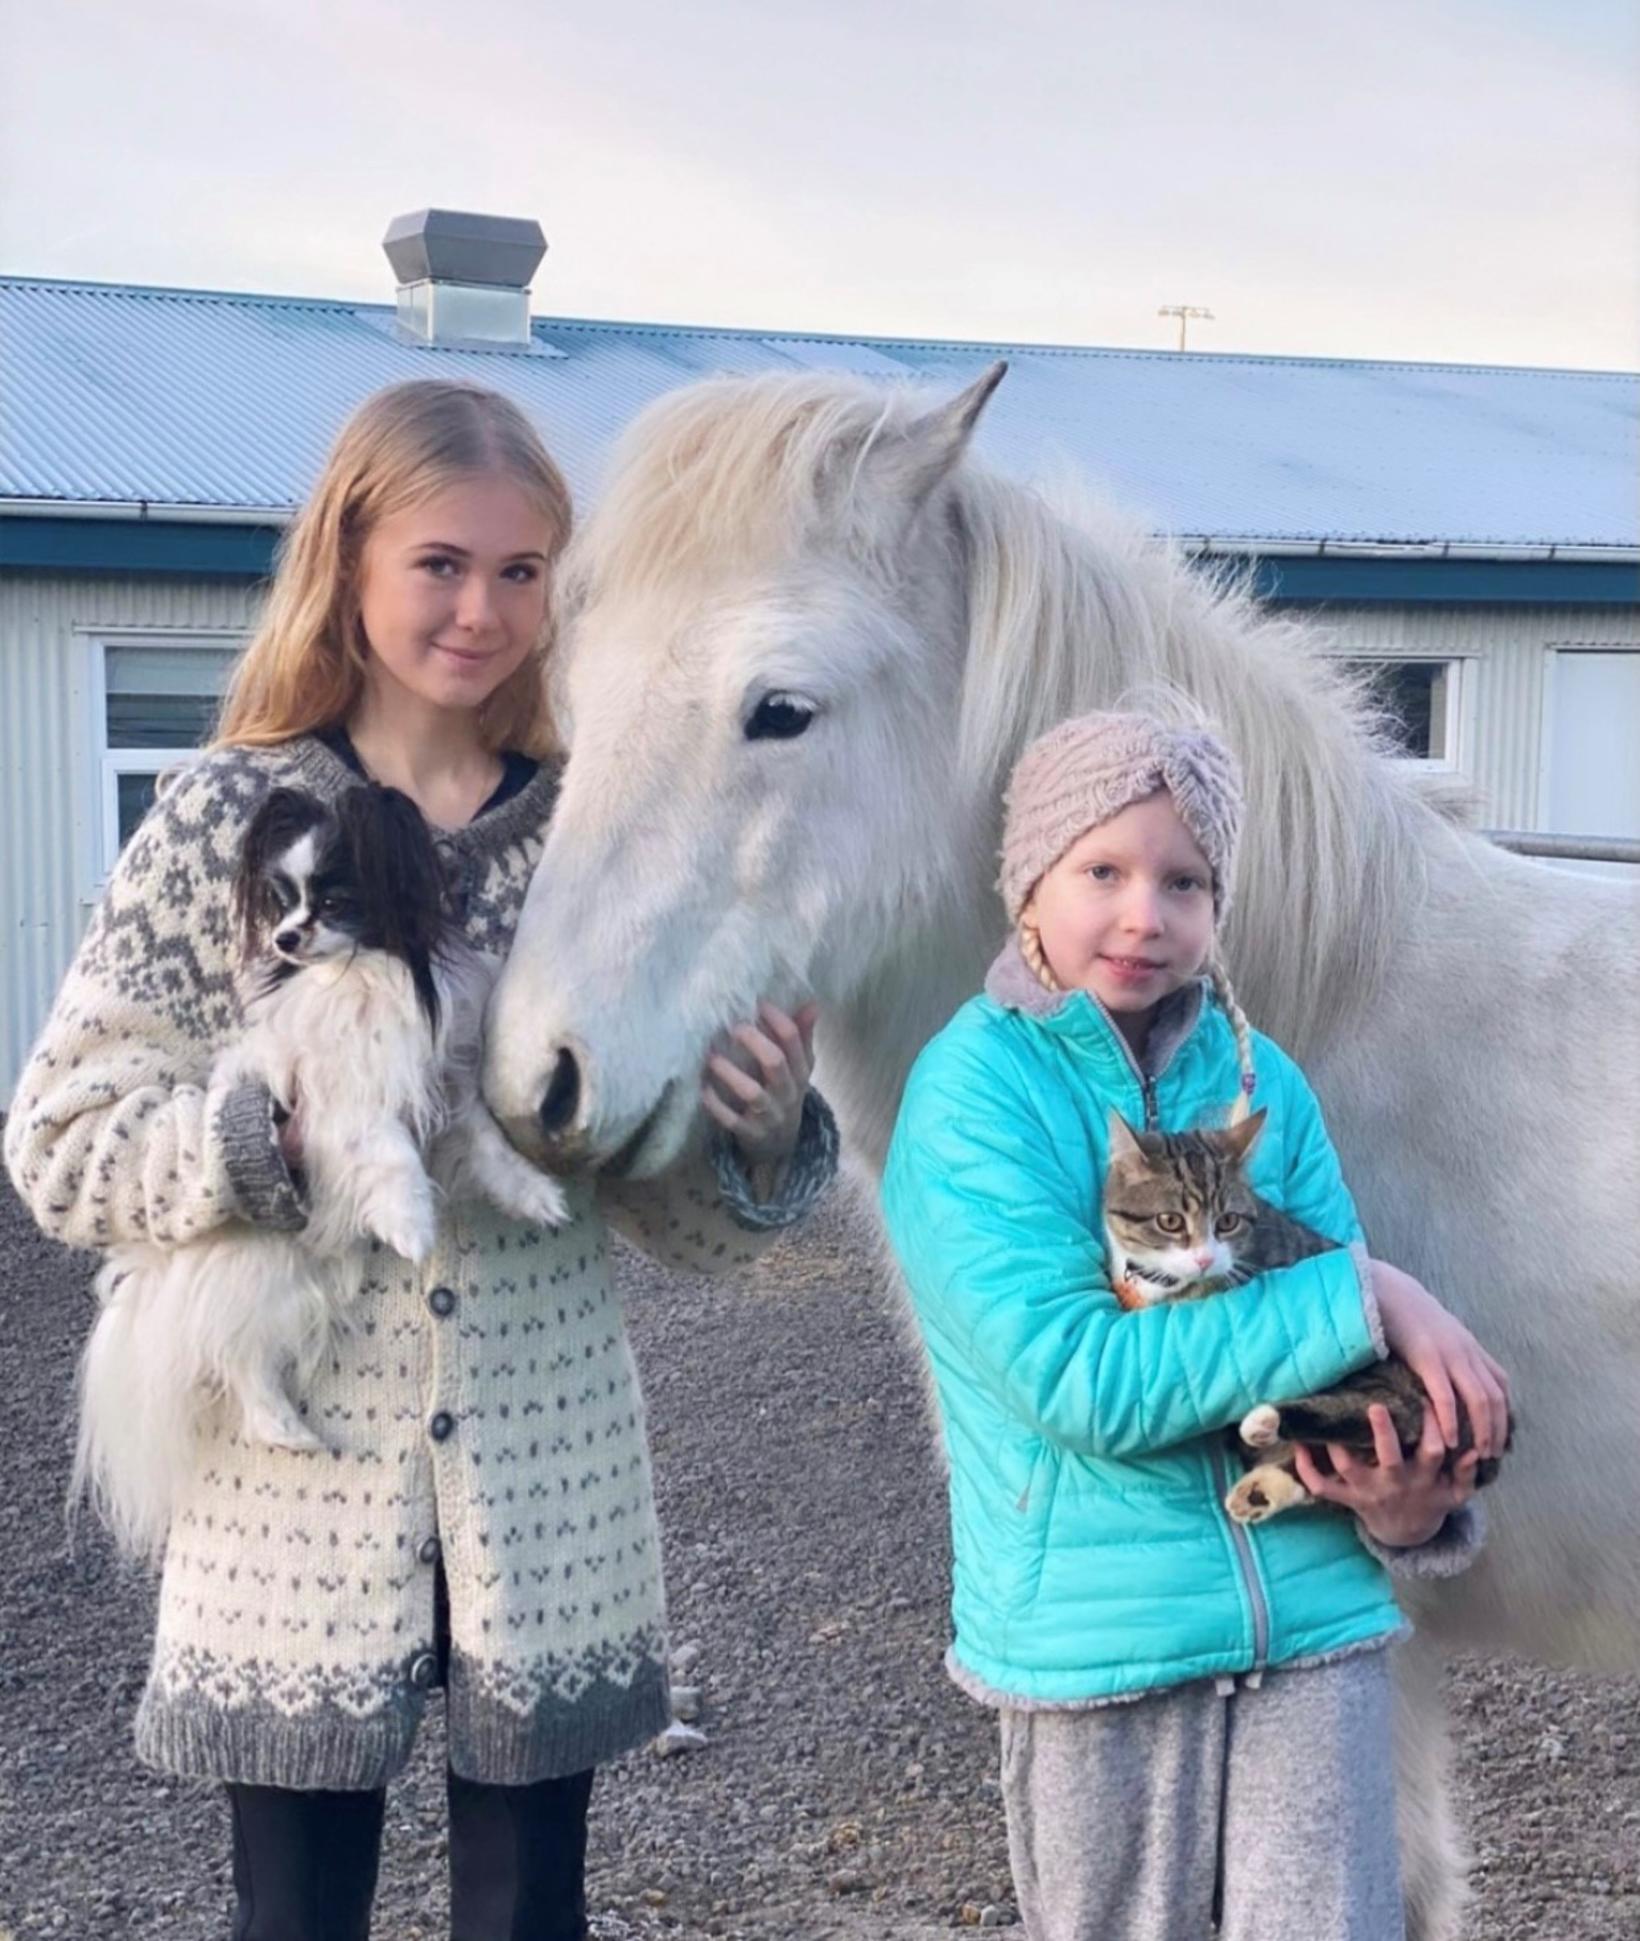 Dæturnar Sunna Dís og Þórunn Rebekka í hesthúsinu fjölskyldunnar.